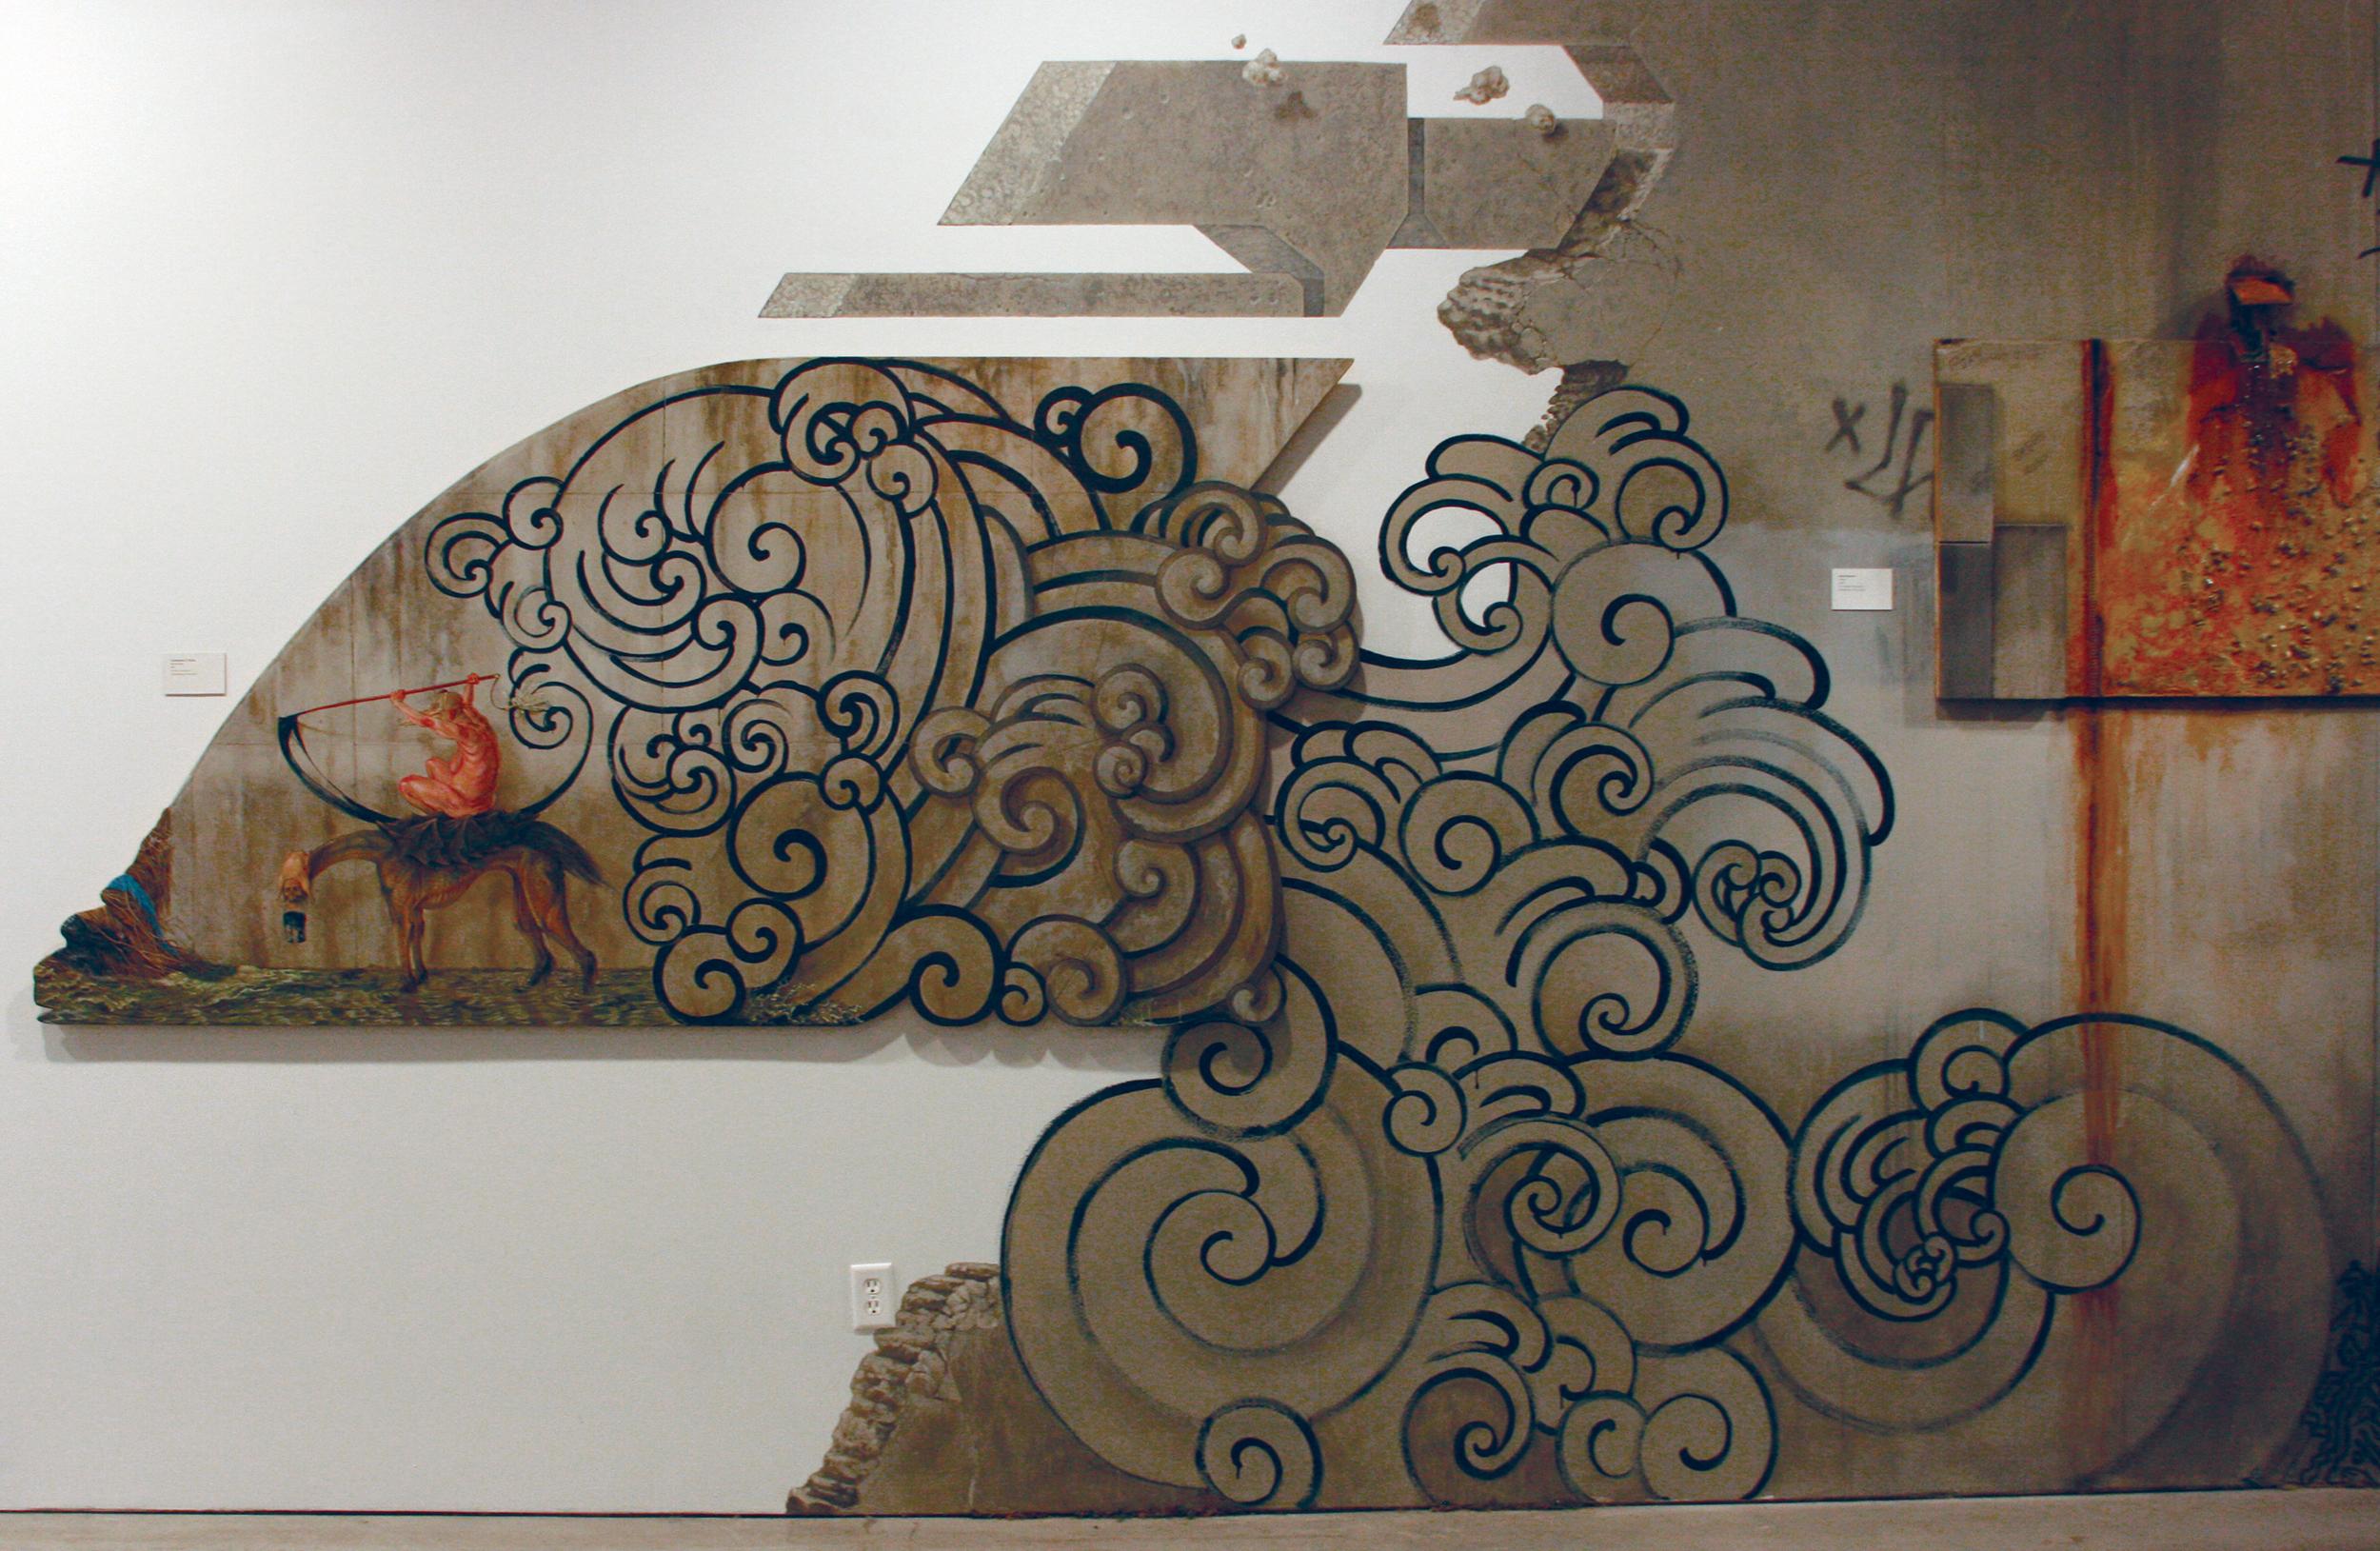 Reclaimed . 2010 - extended installation version, Pasadena Museum of California Art.